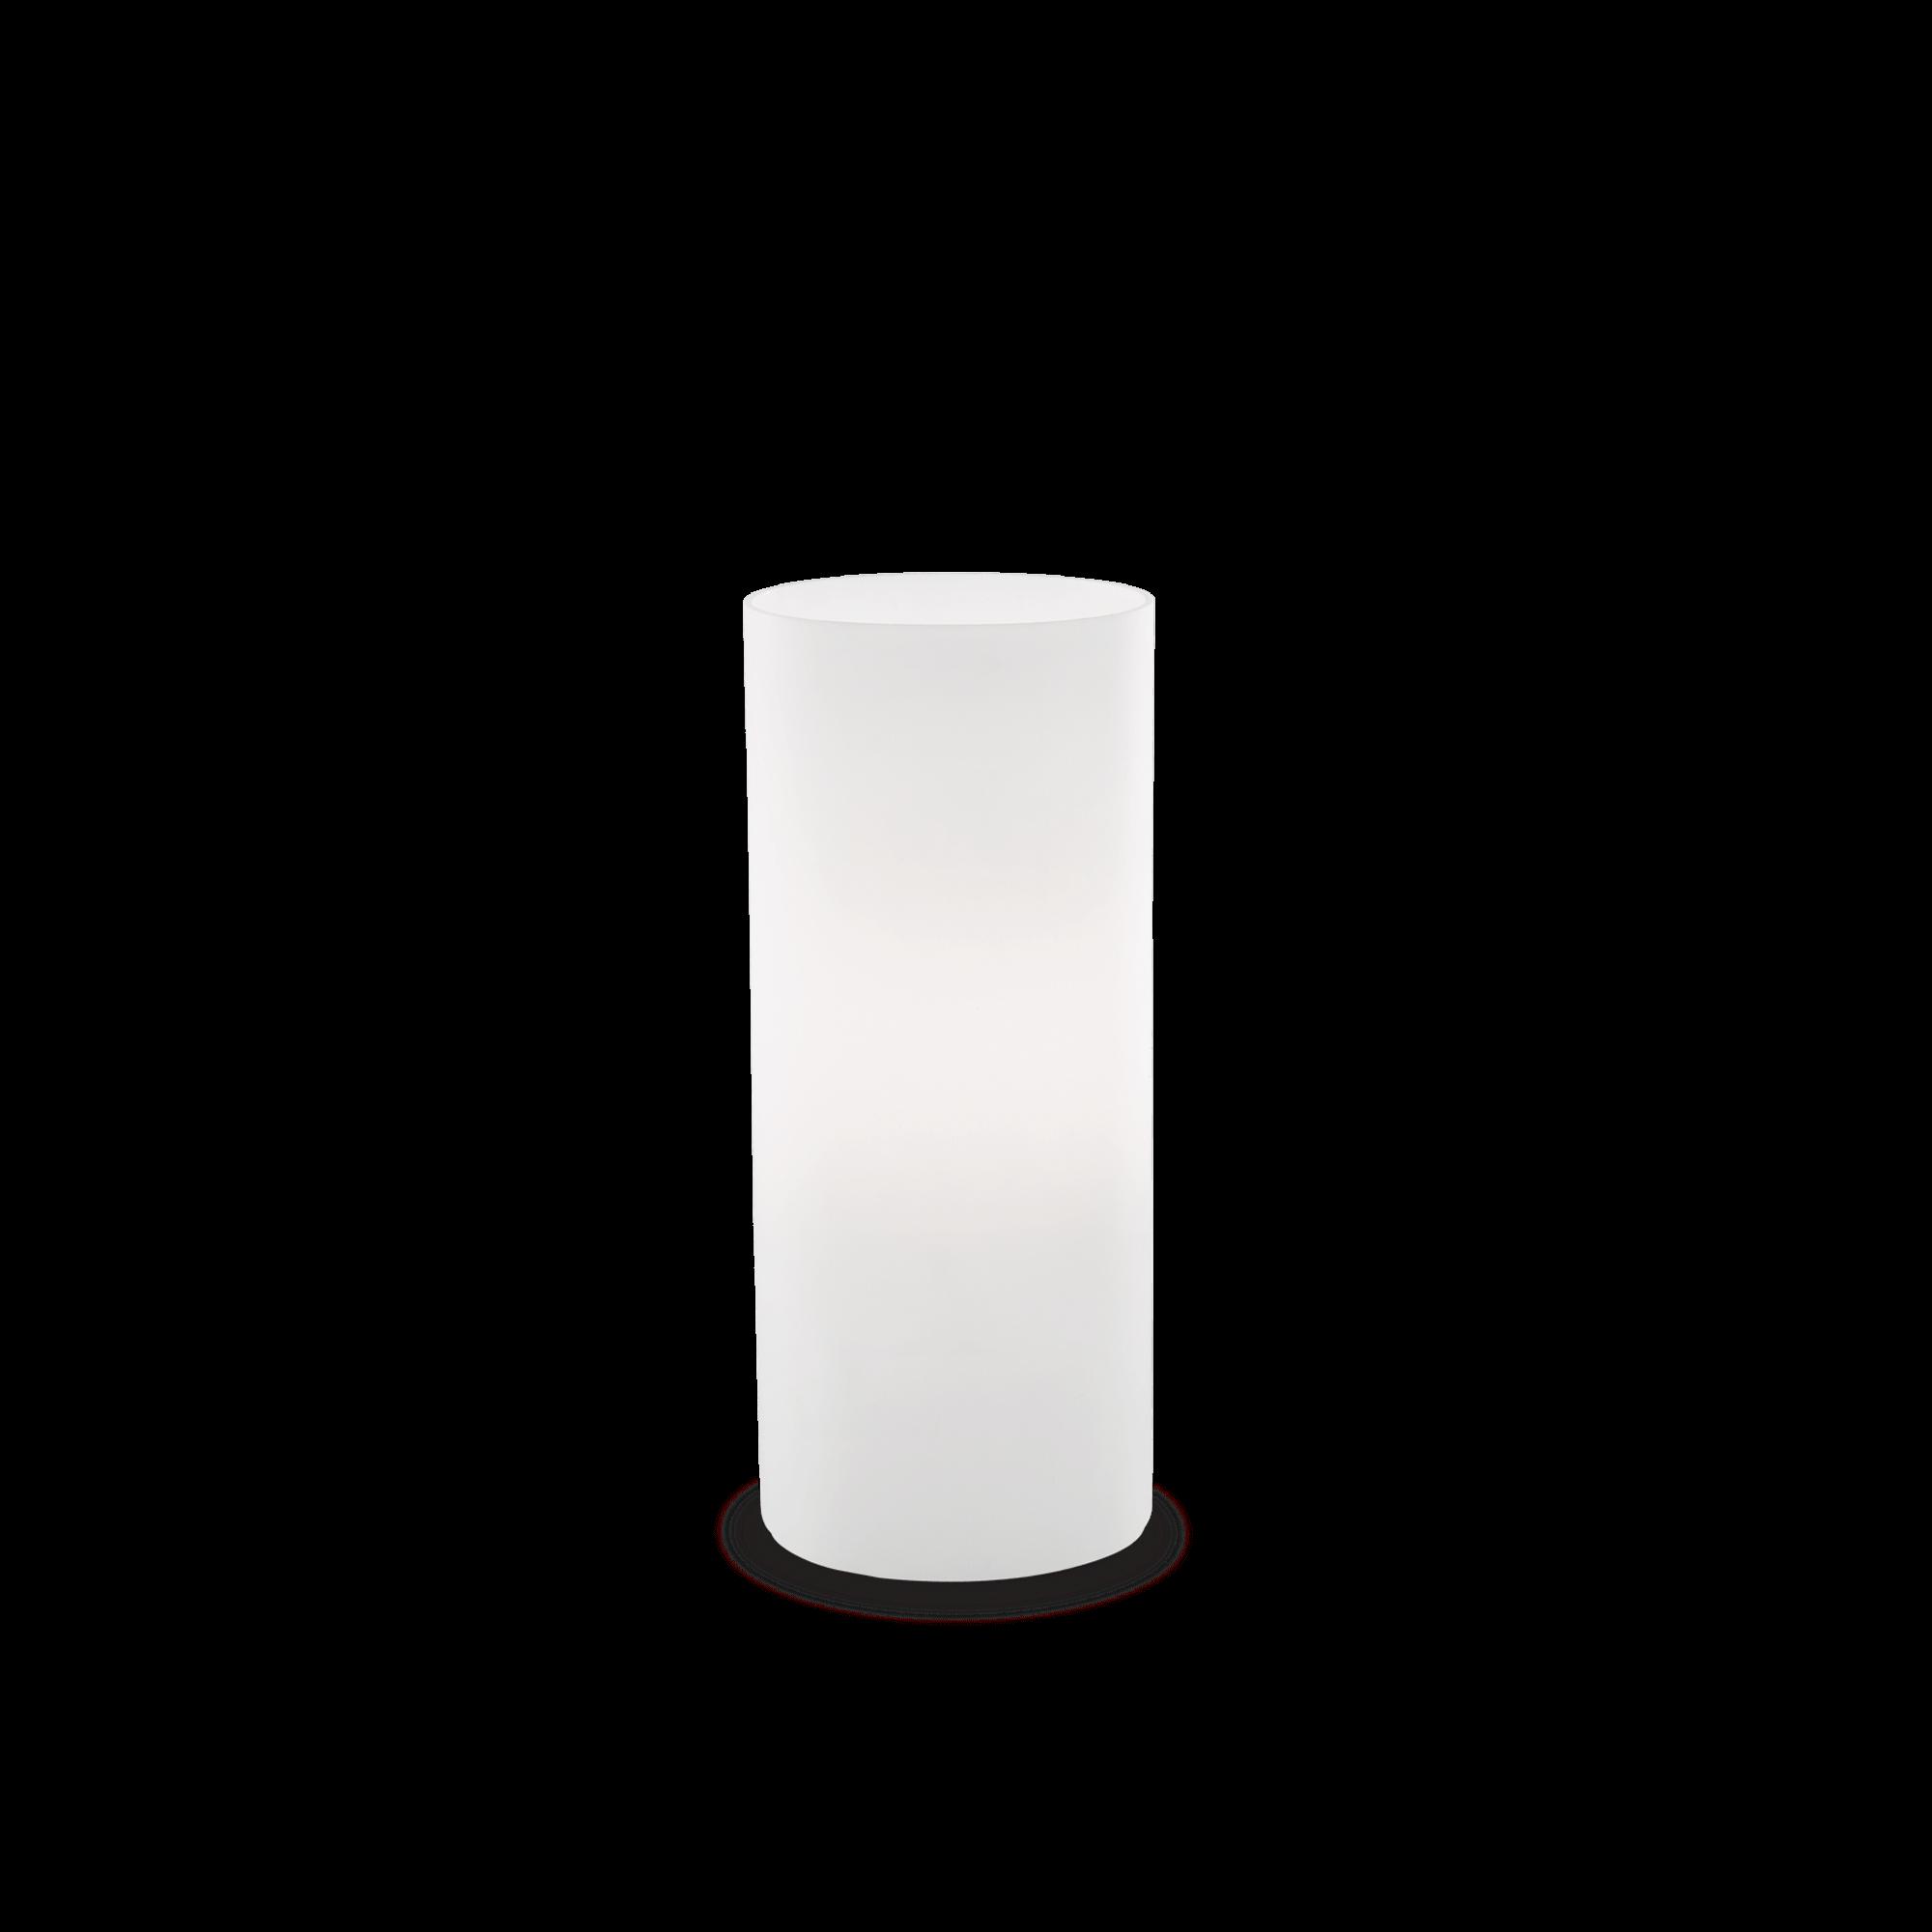 EDO TL1 SMALL, 044606